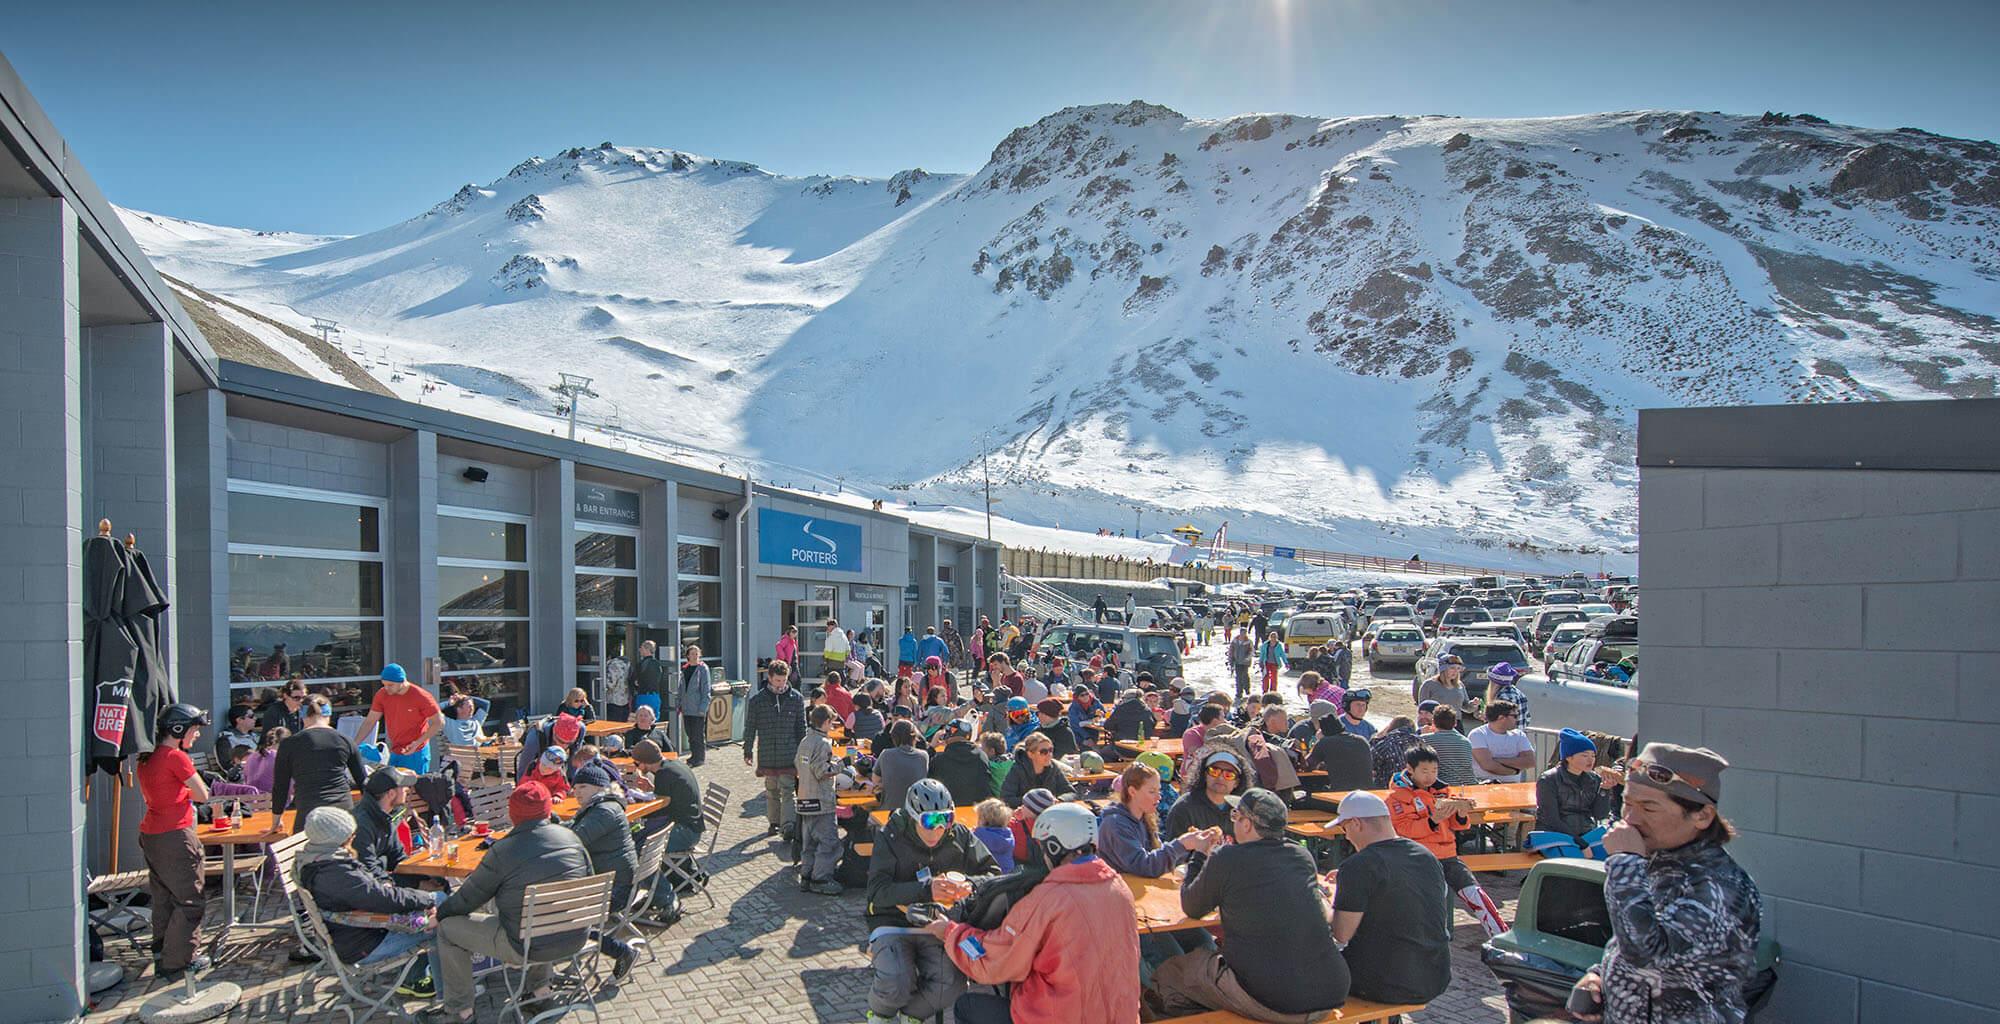 Porters Ski Resort